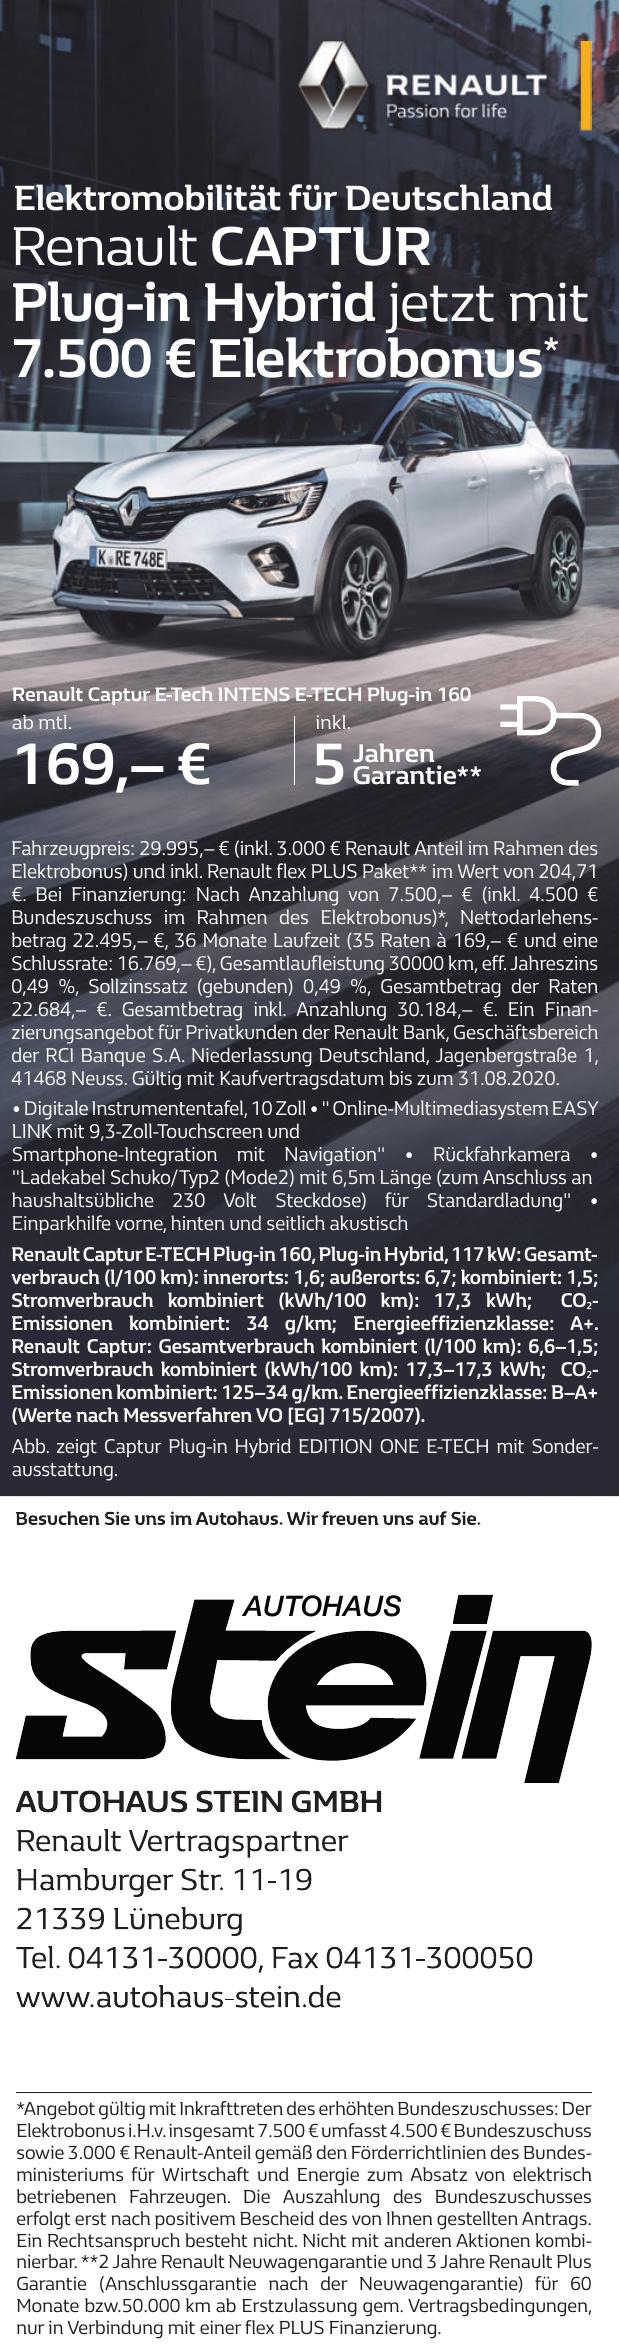 Autohaus Stein GmbH